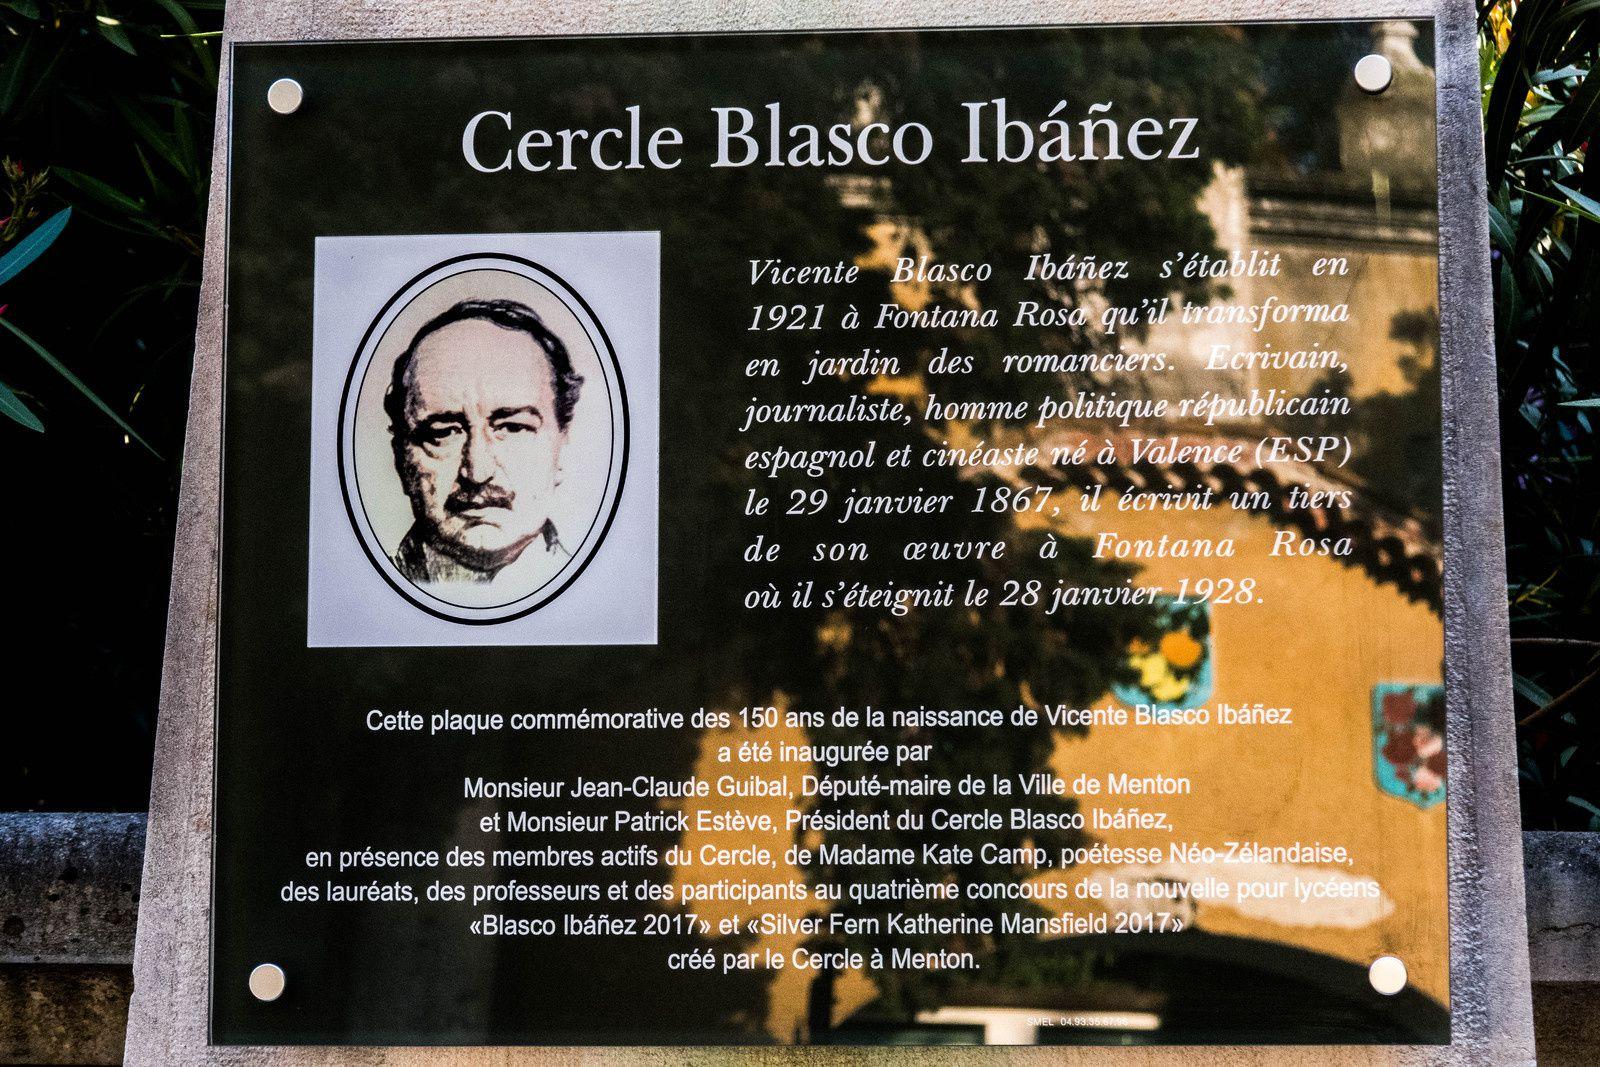 Dévoilement d'une plaque commémorative des 150 ans de Vicente Blasco Ibañez à Fontana Rosa